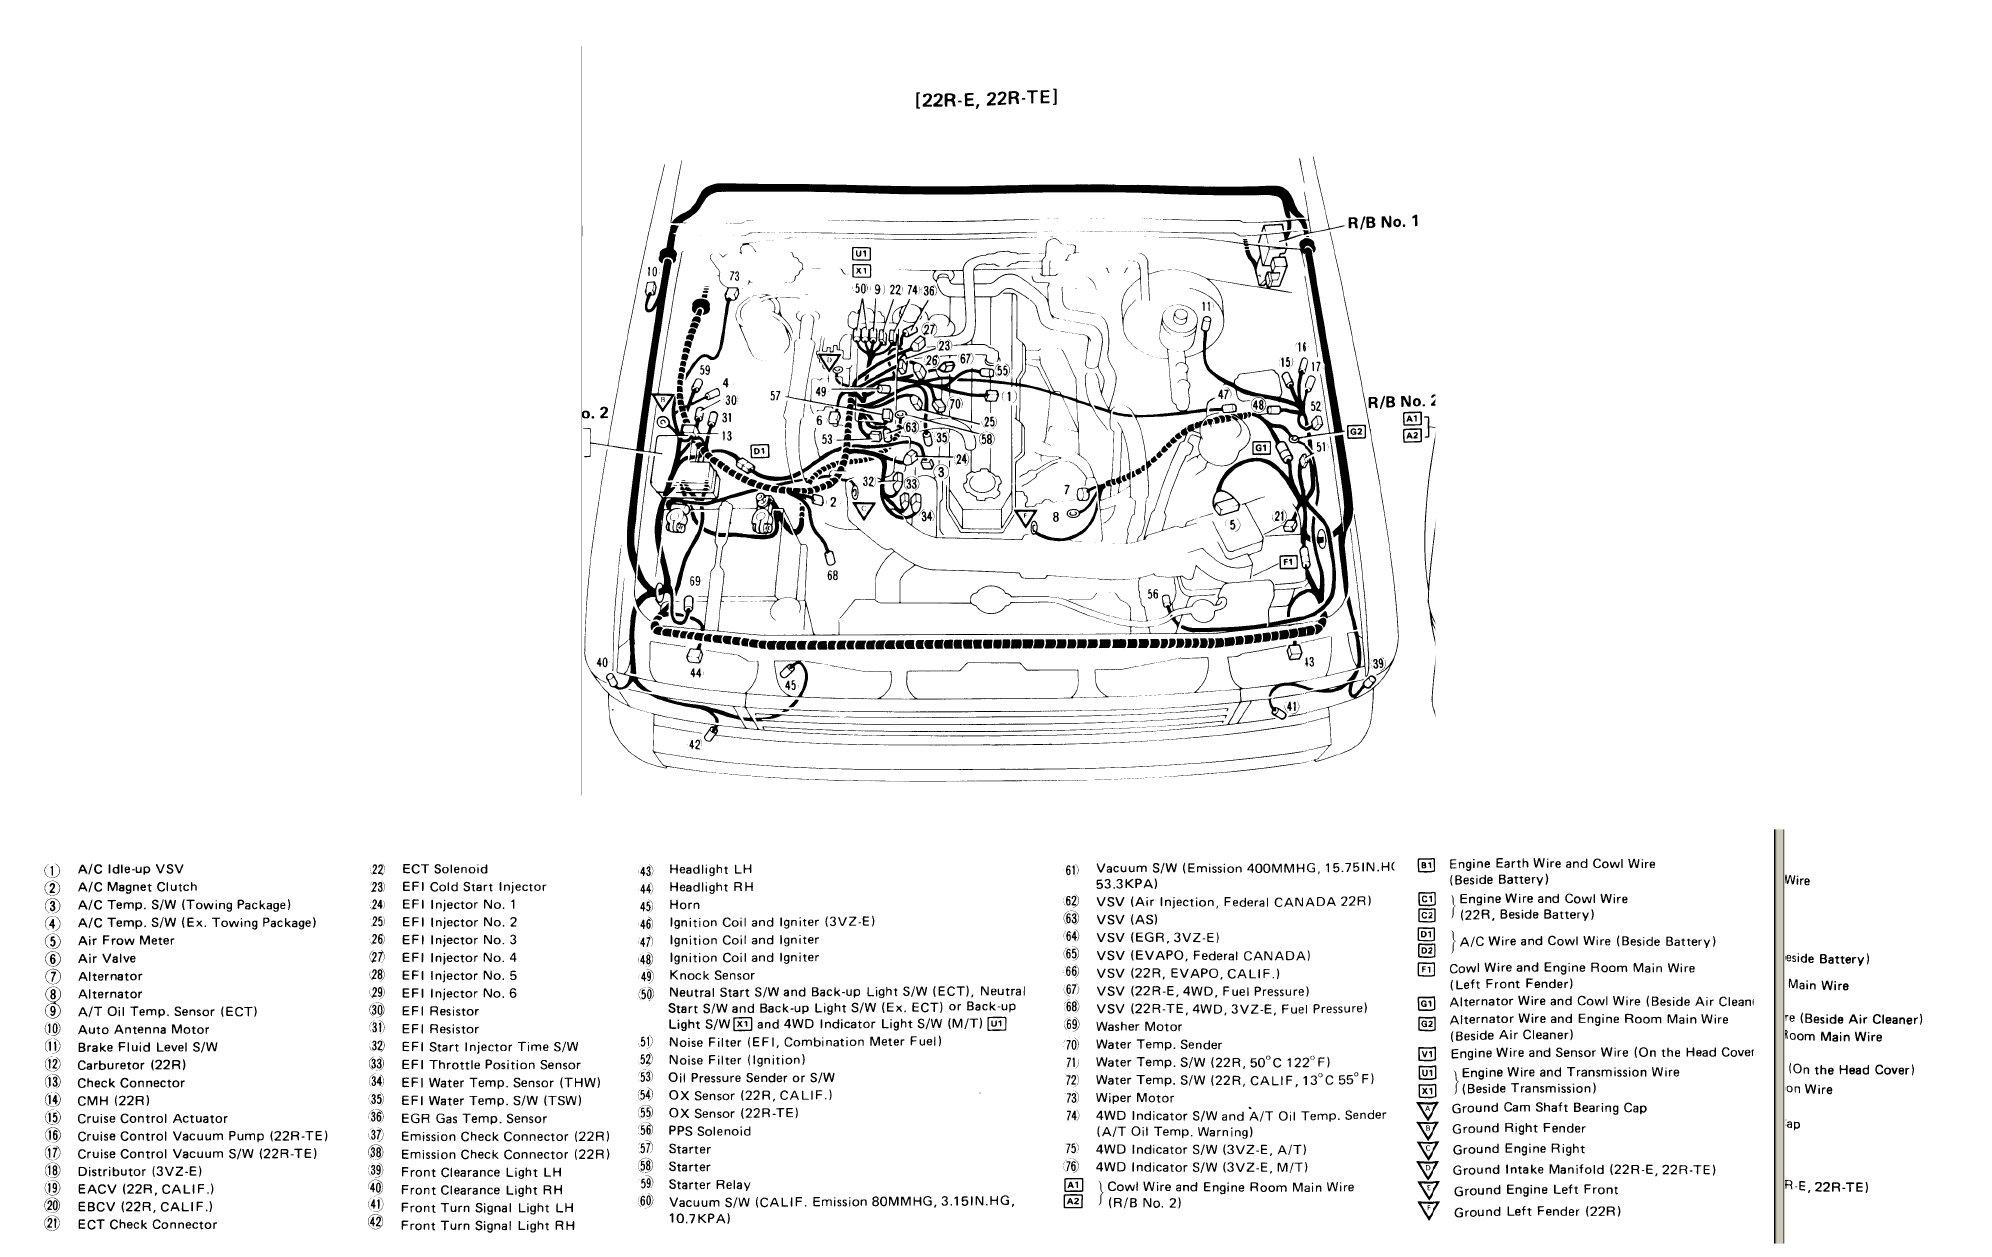 1985 Toyota Pickup Wiring Diagram : 1985 Toyota Pickup